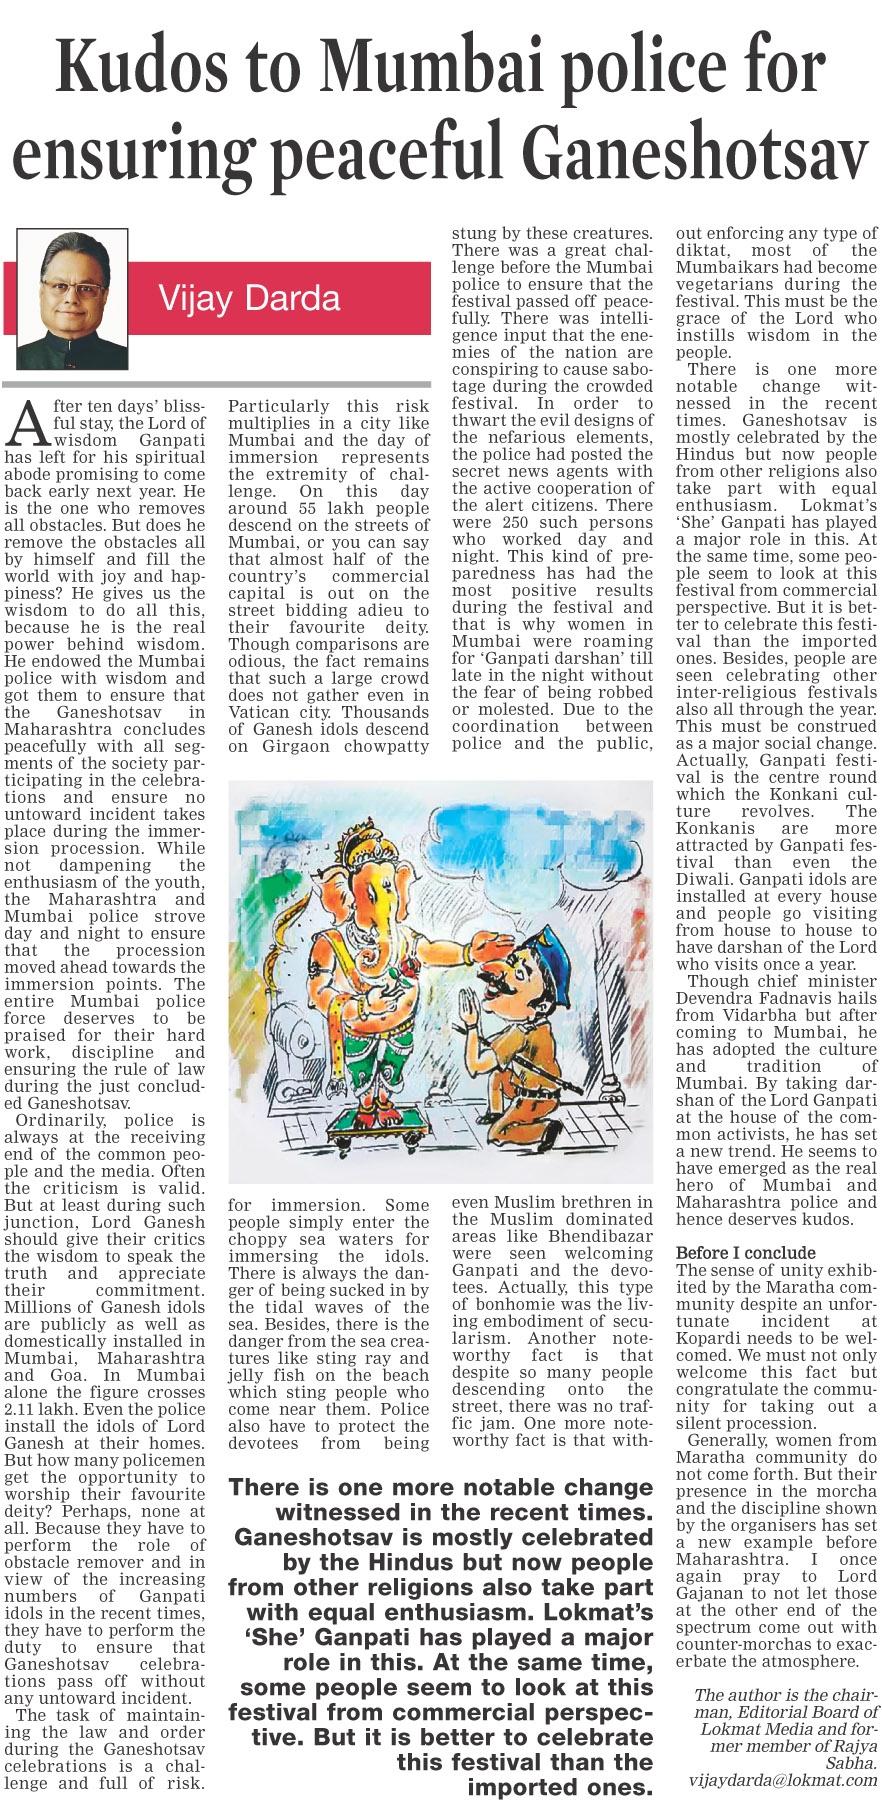 Kudos to Mumbai police for ensuring peaceful Ganeshotsav